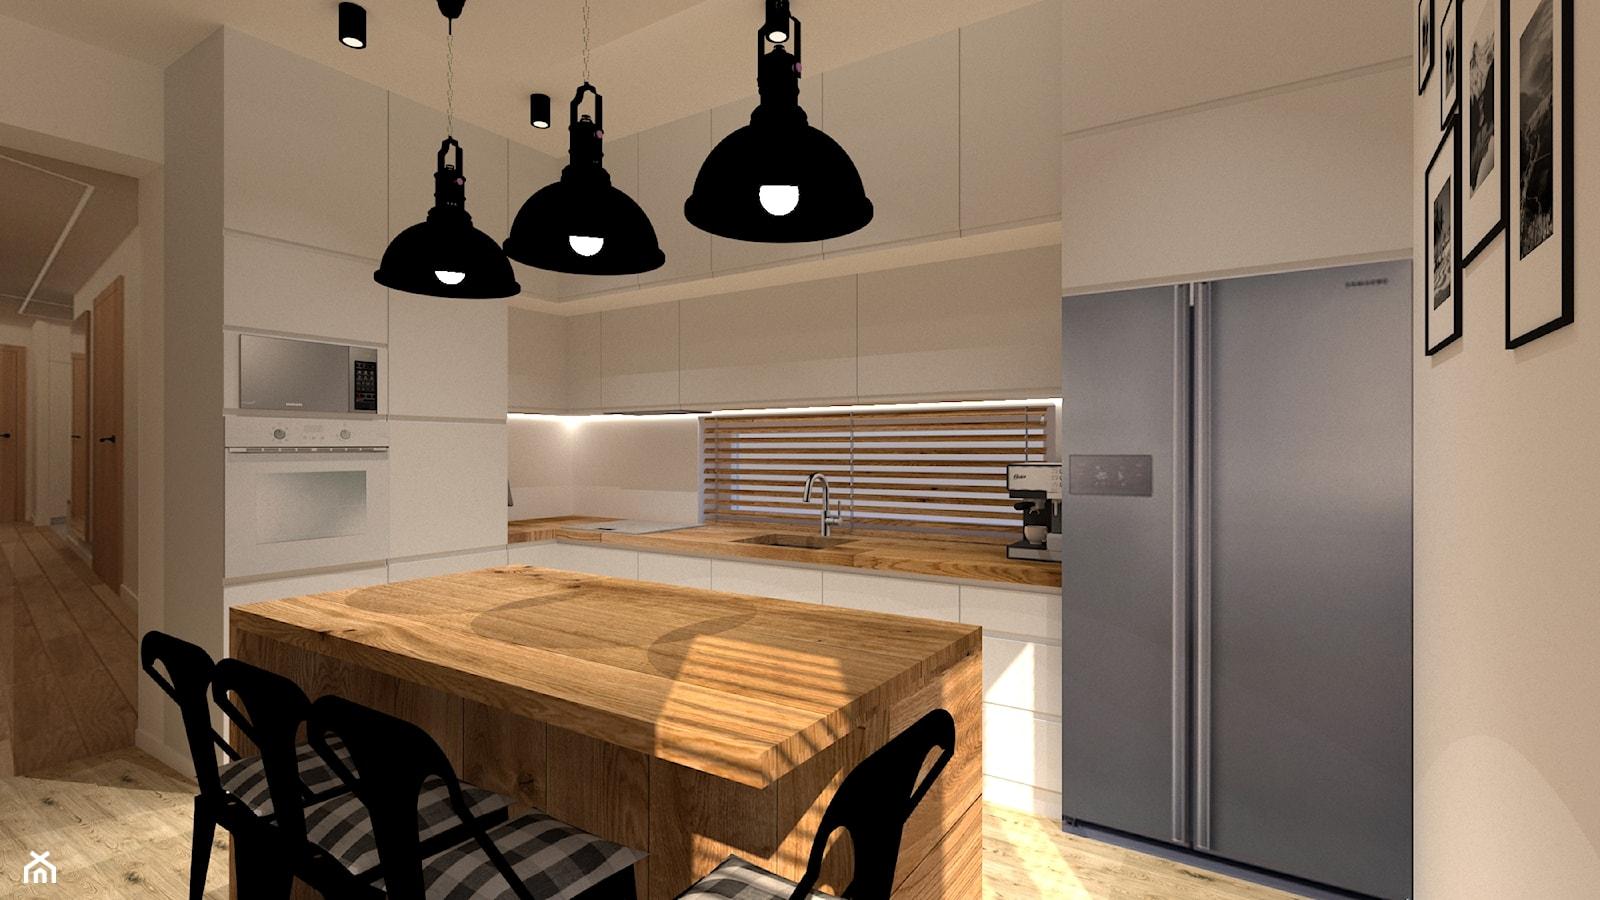 Kuchnia loft - Duża otwarta beżowa kuchnia w kształcie litery l z wyspą z oknem, styl nowoczesny - zdjęcie od MILARTO - Homebook